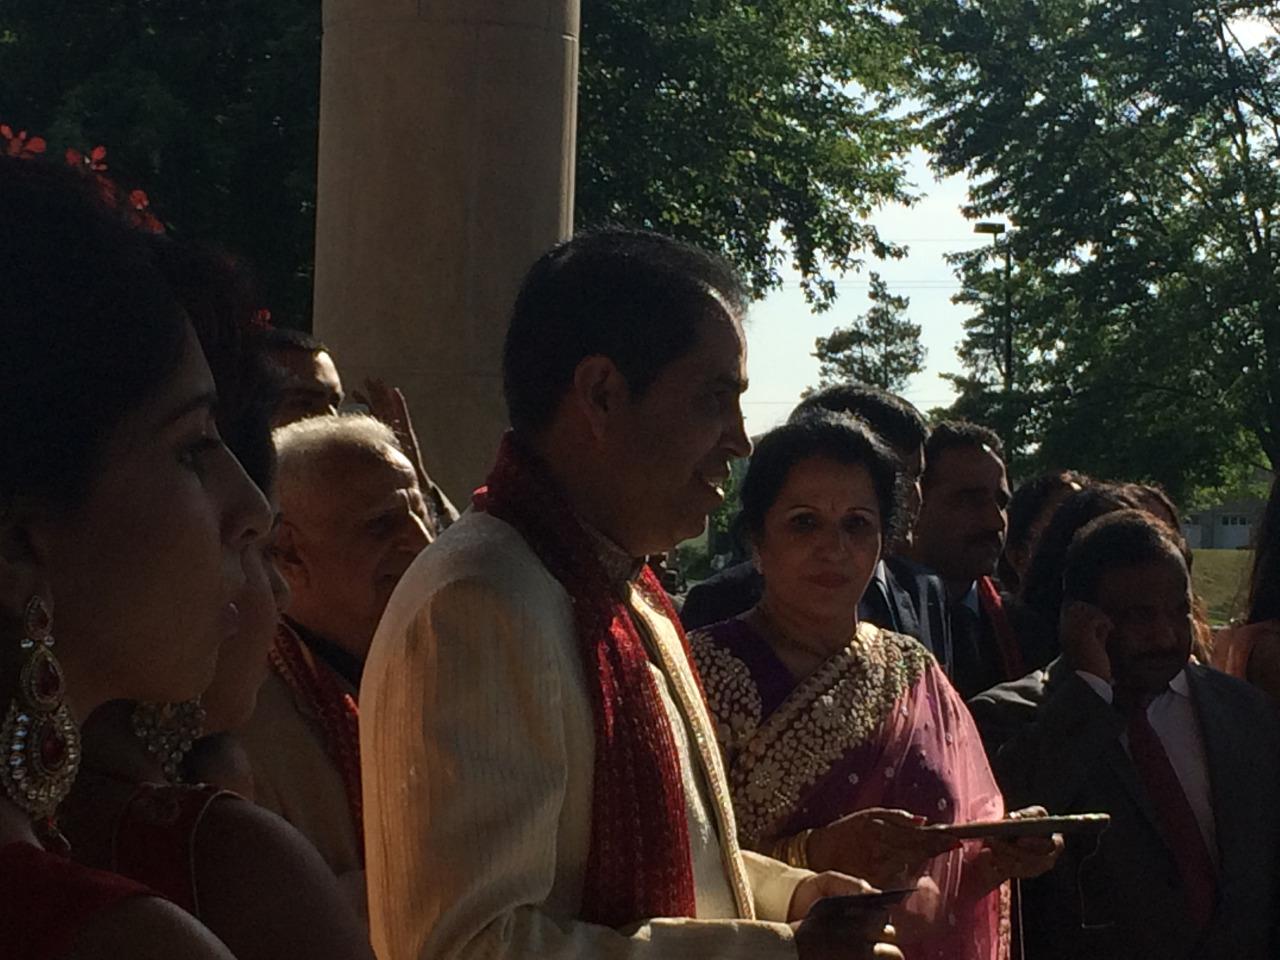 Boda hindú... Papás preparándose para recibir a la familia del novio.